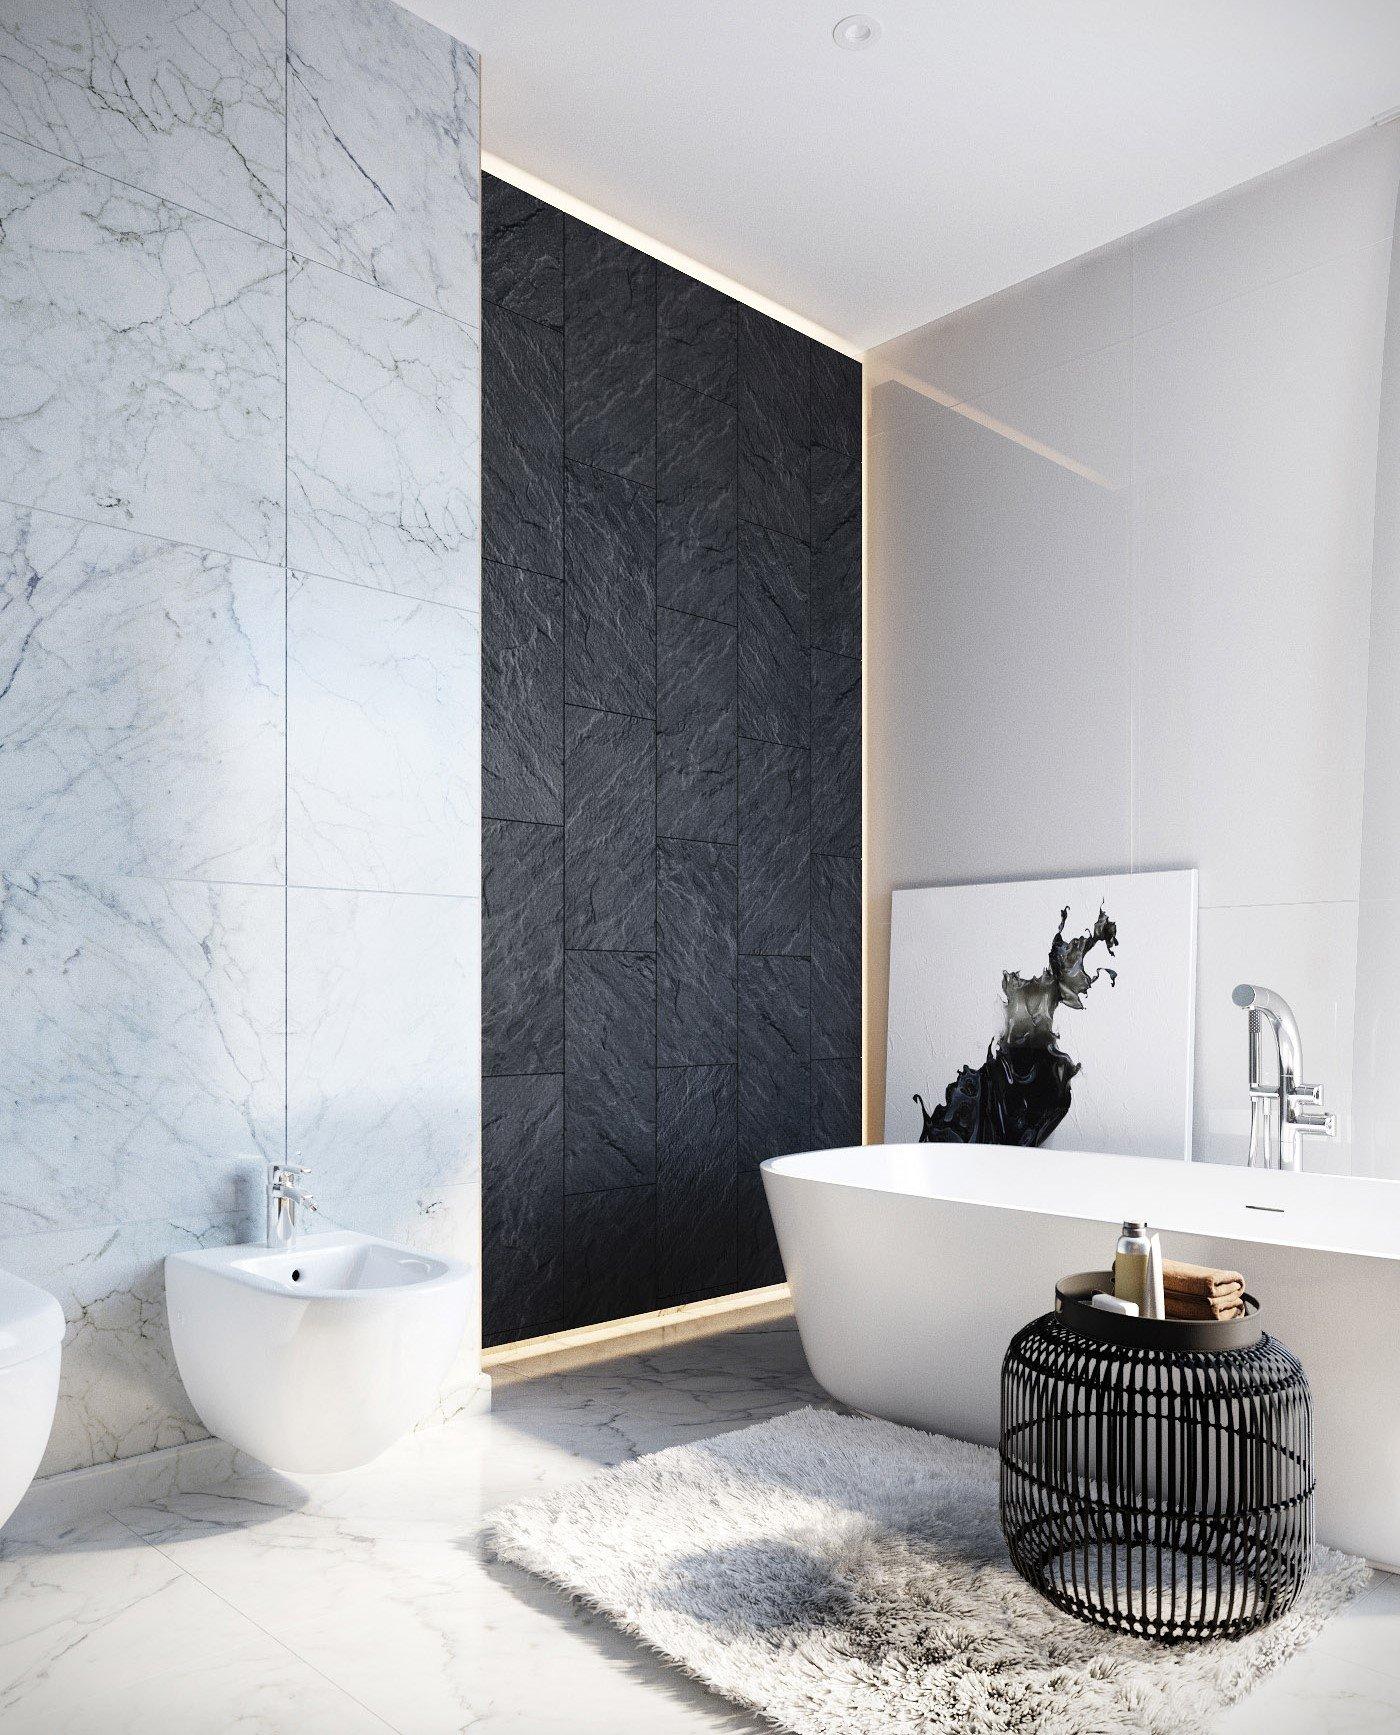 Salle de bain contemporaine blanche noire gris métal marbre textile ...